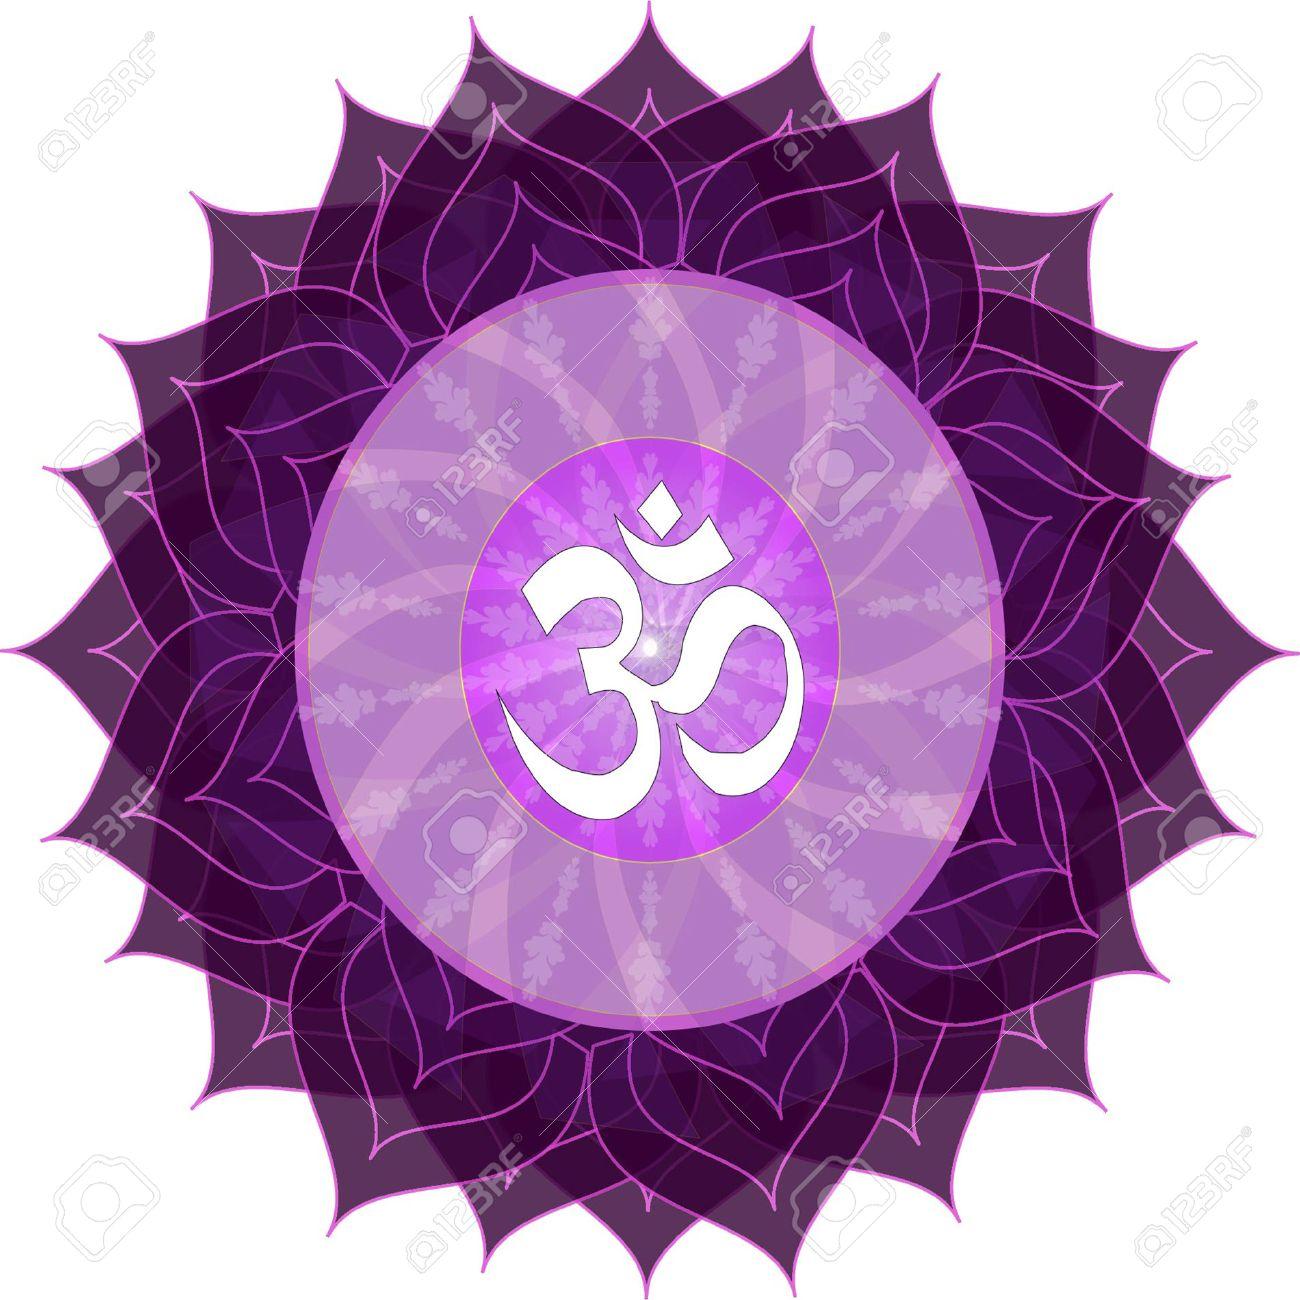 Sahasrara chakra symbol royalty free cliparts vectors and stock sahasrara chakra symbol stock vector 35578820 buycottarizona Image collections